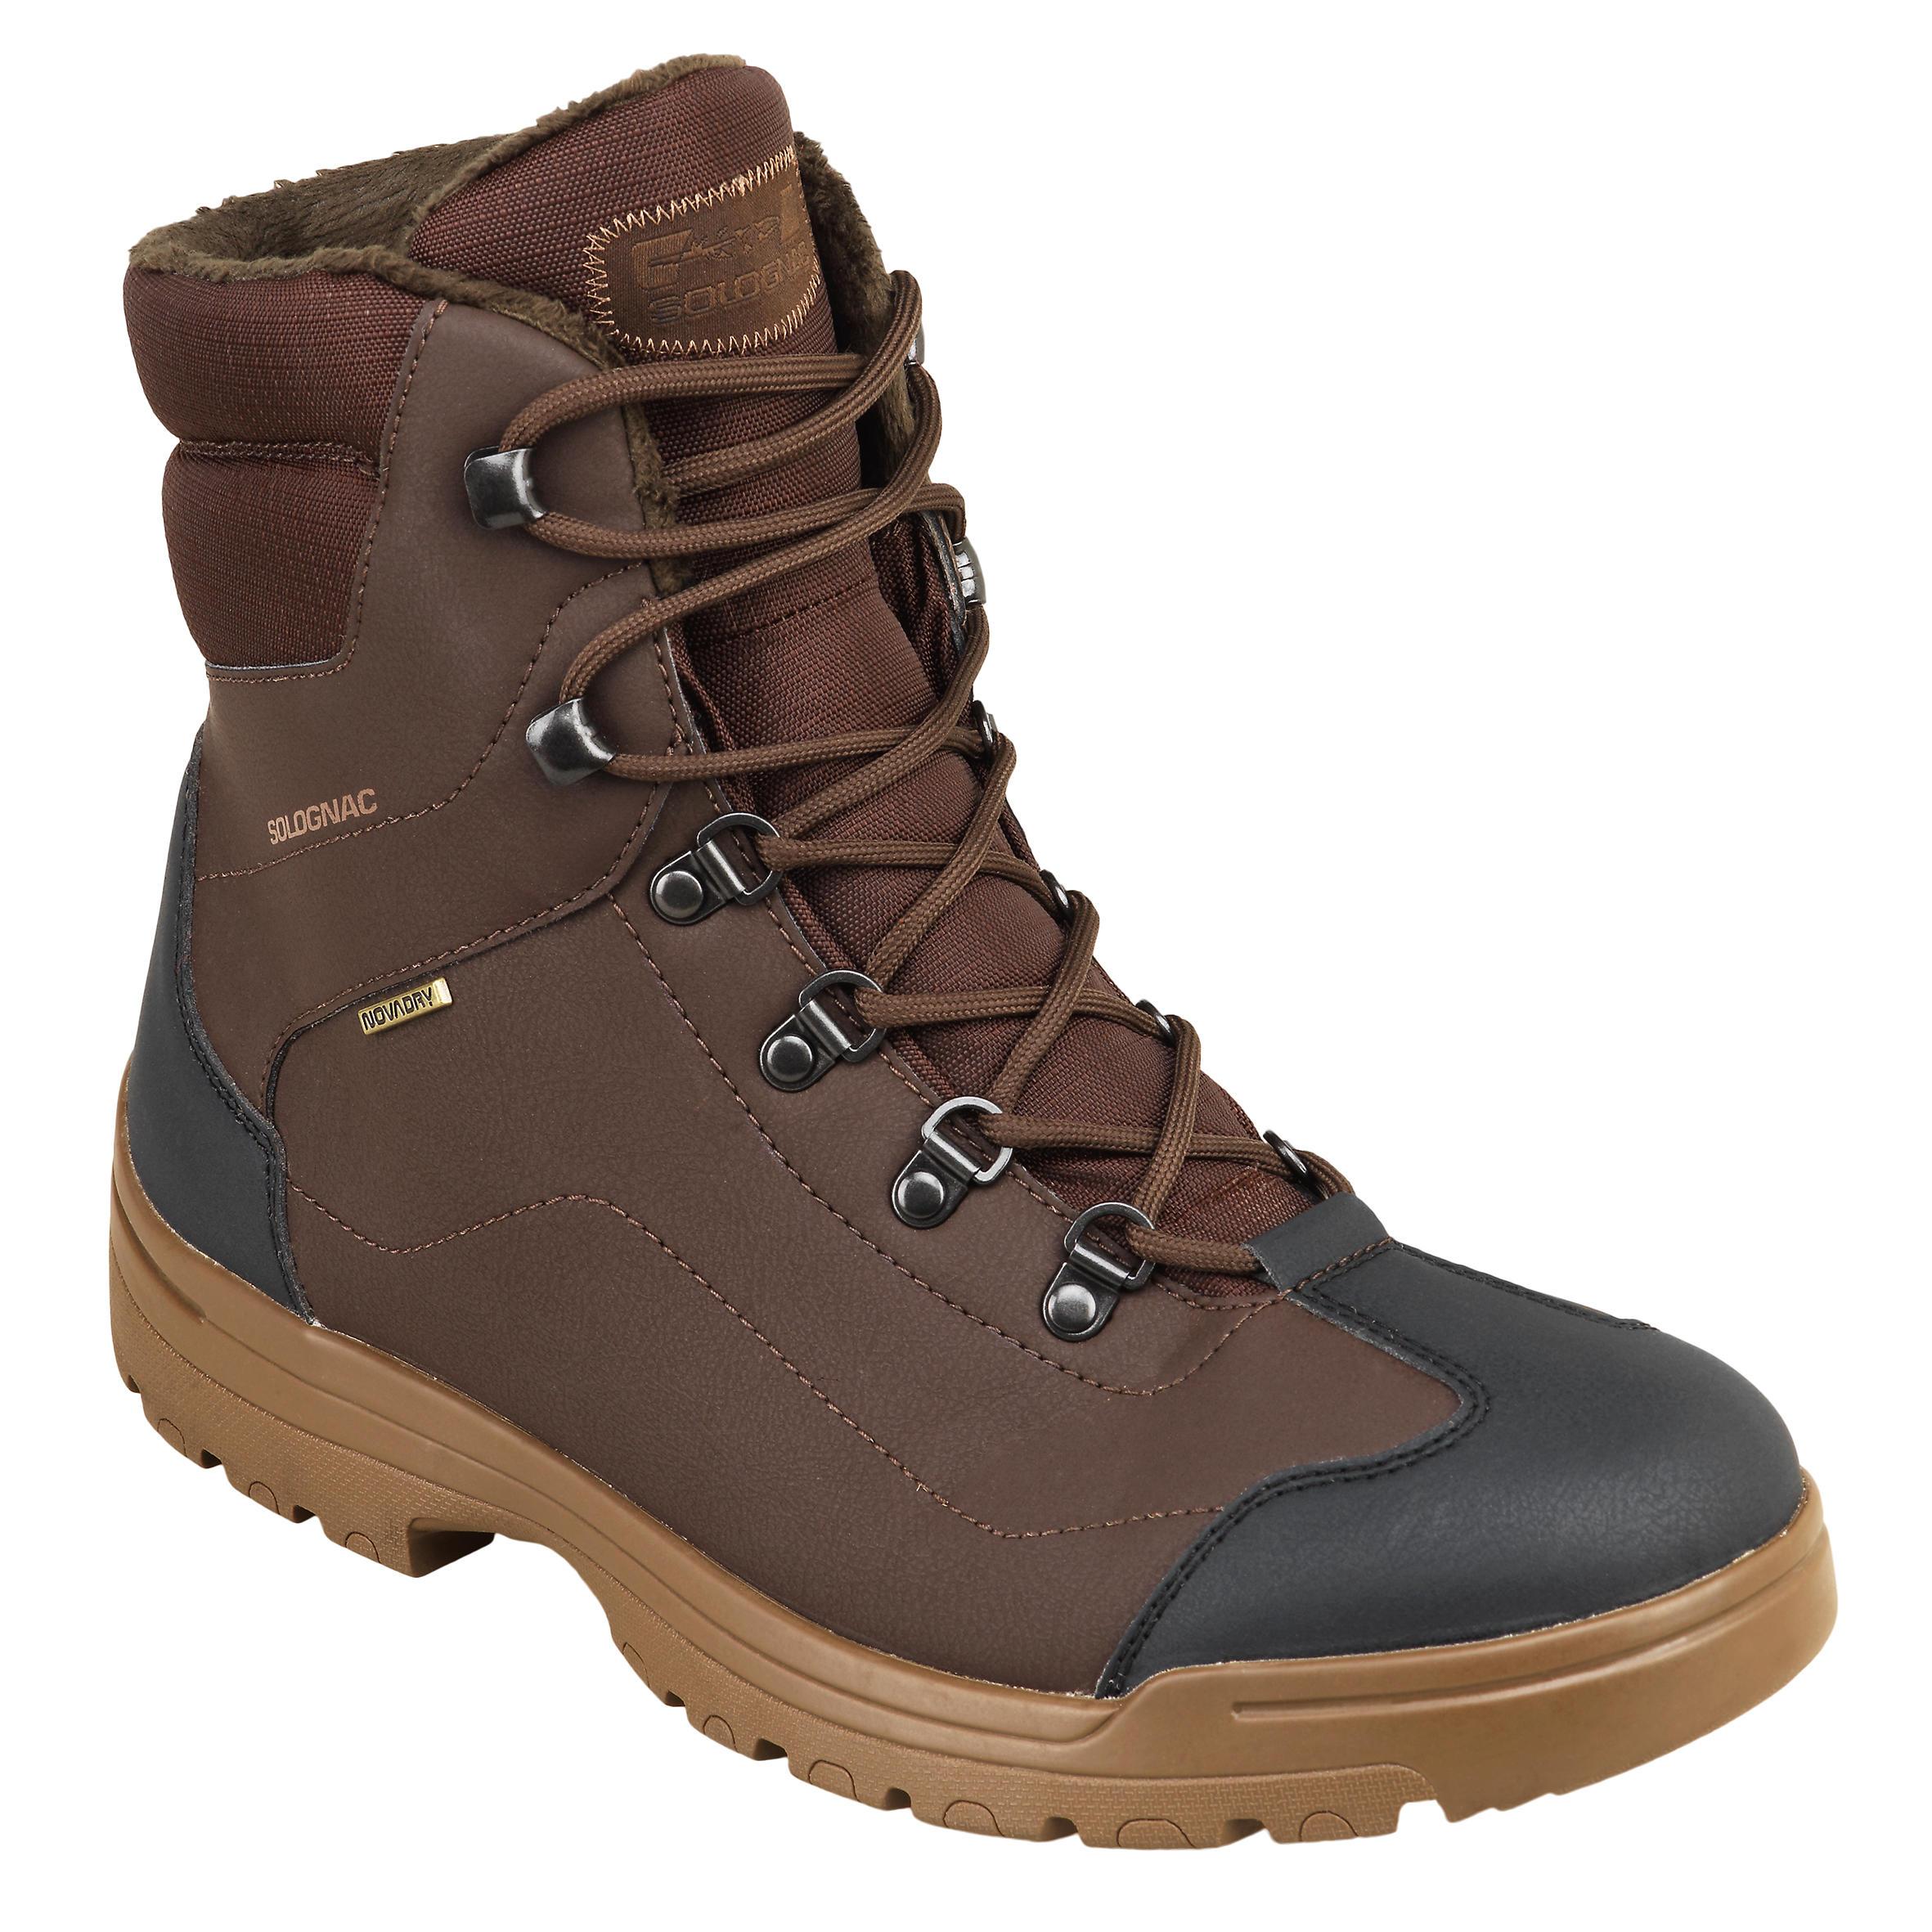 Chaussure chasse chaude imperméable land 100 warm marron solognac chez Decathlon